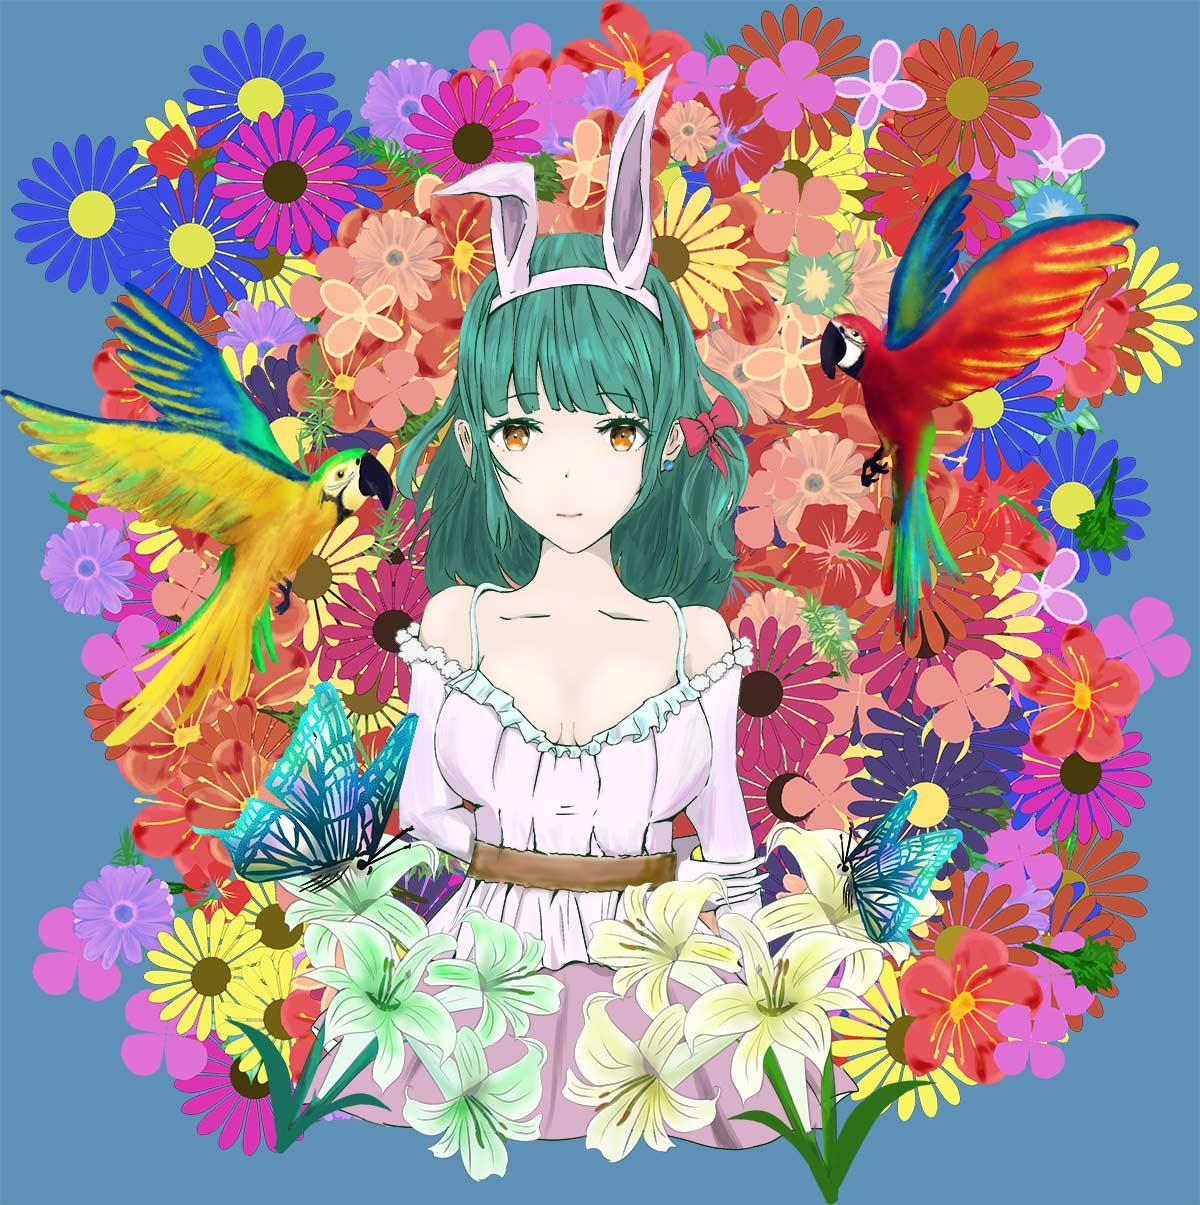 うさちゃん - 花に囲まれた女の子 foolのイラスト